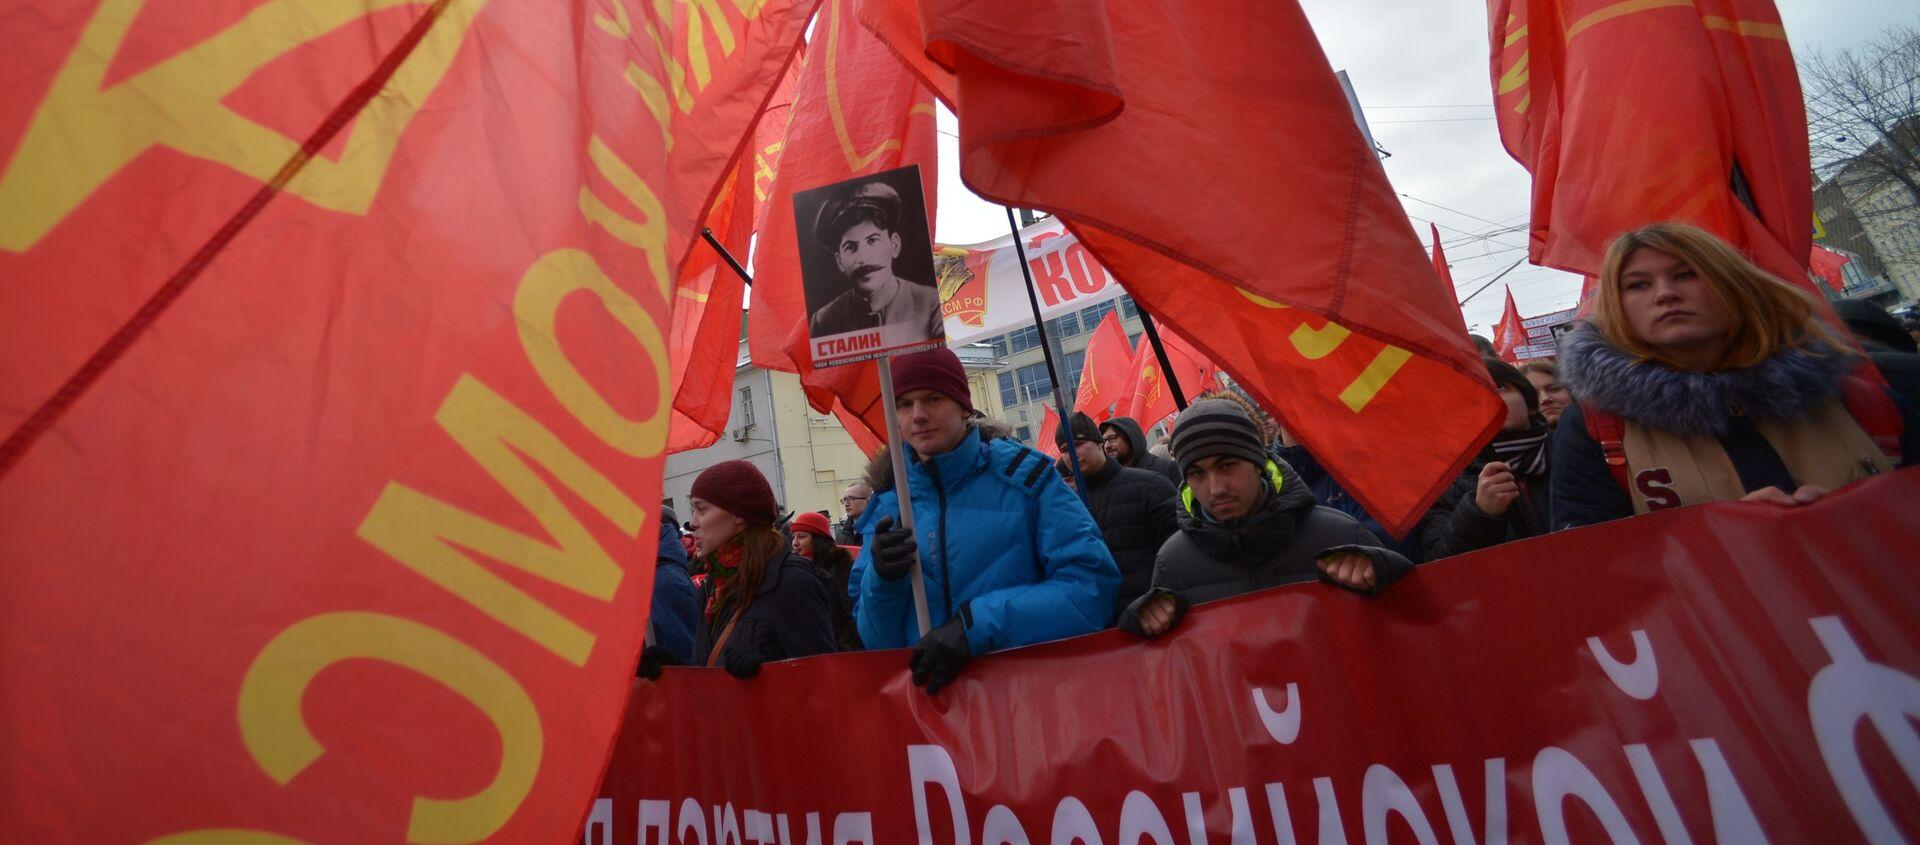 Шествие и митинг, посвященные 98-й годовщине Советской Армии и ВМФ - Sputnik Абхазия, 1920, 05.03.2021